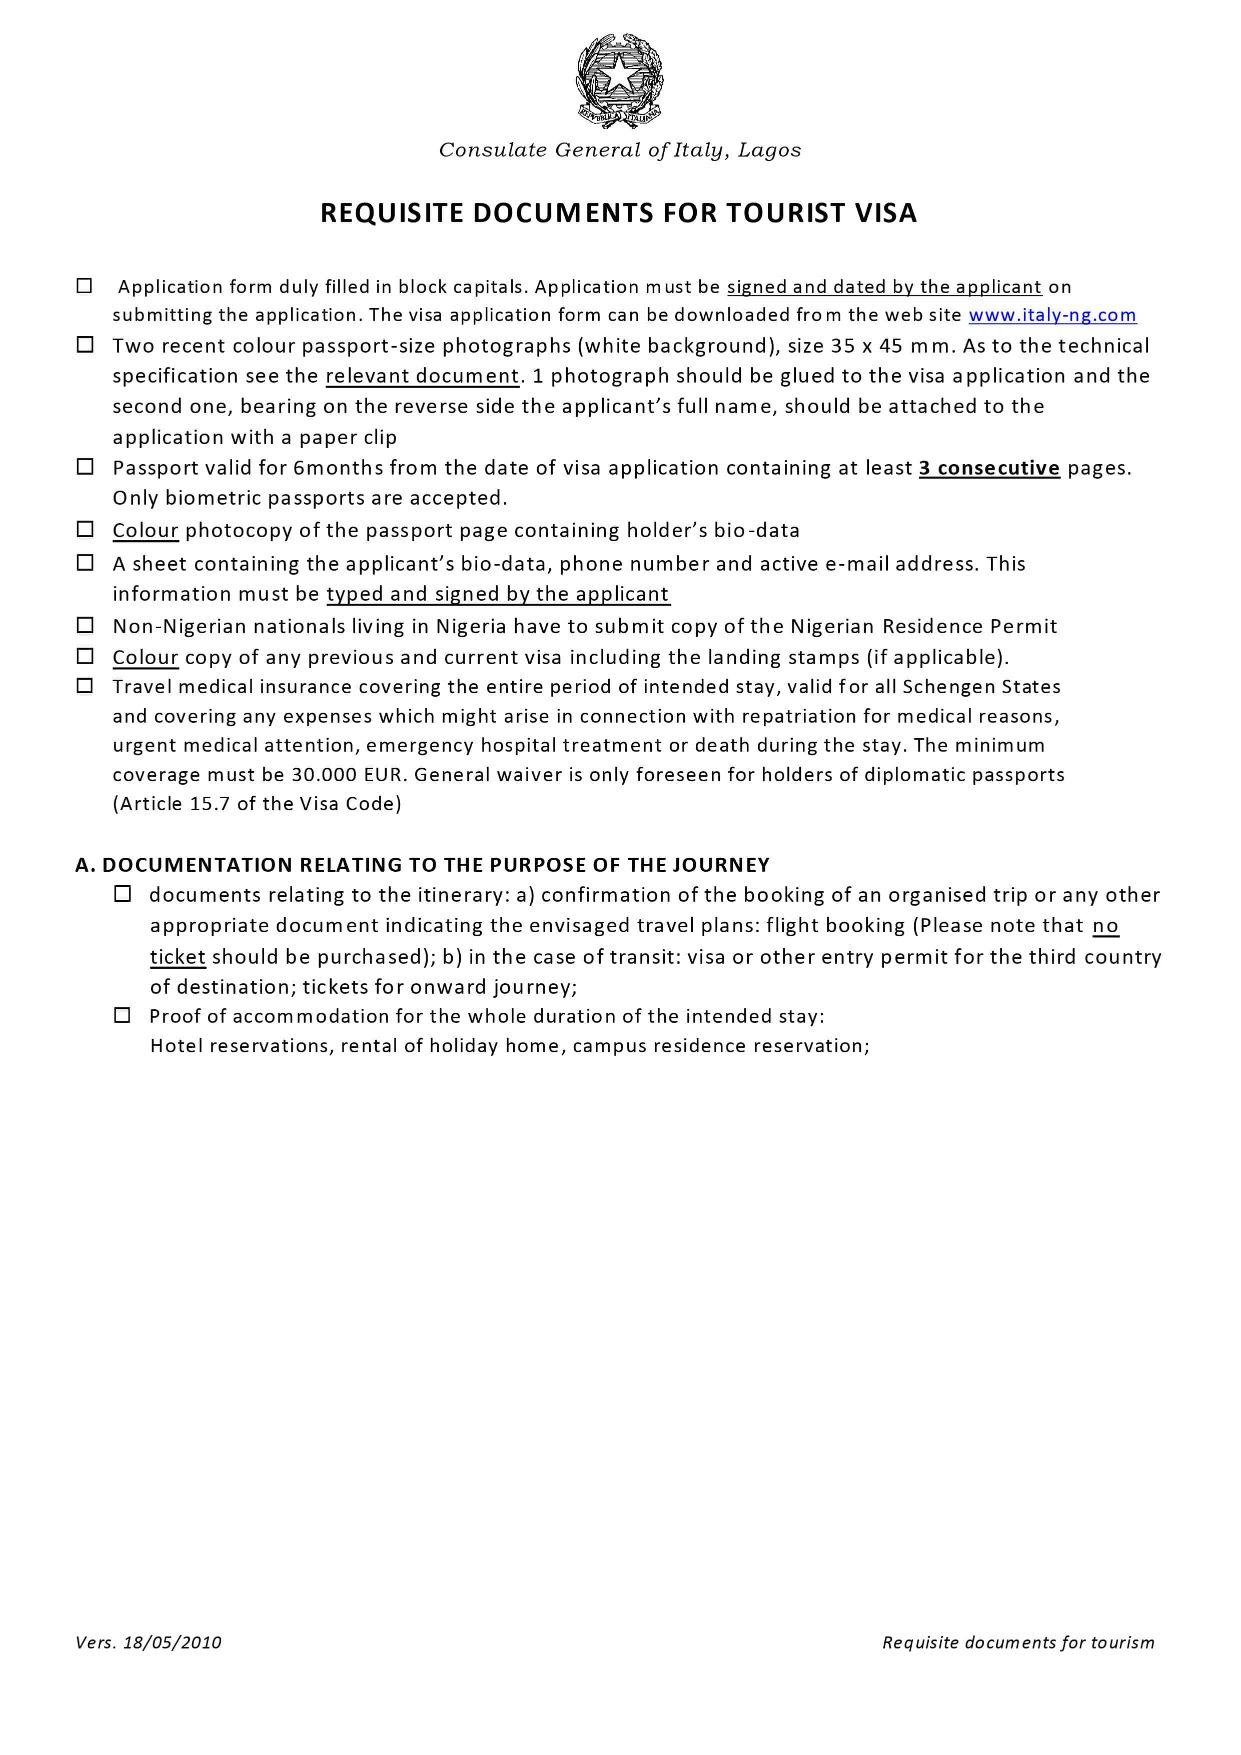 Consulate-general-of-italy-requisite-documents-for-Schengen-visa